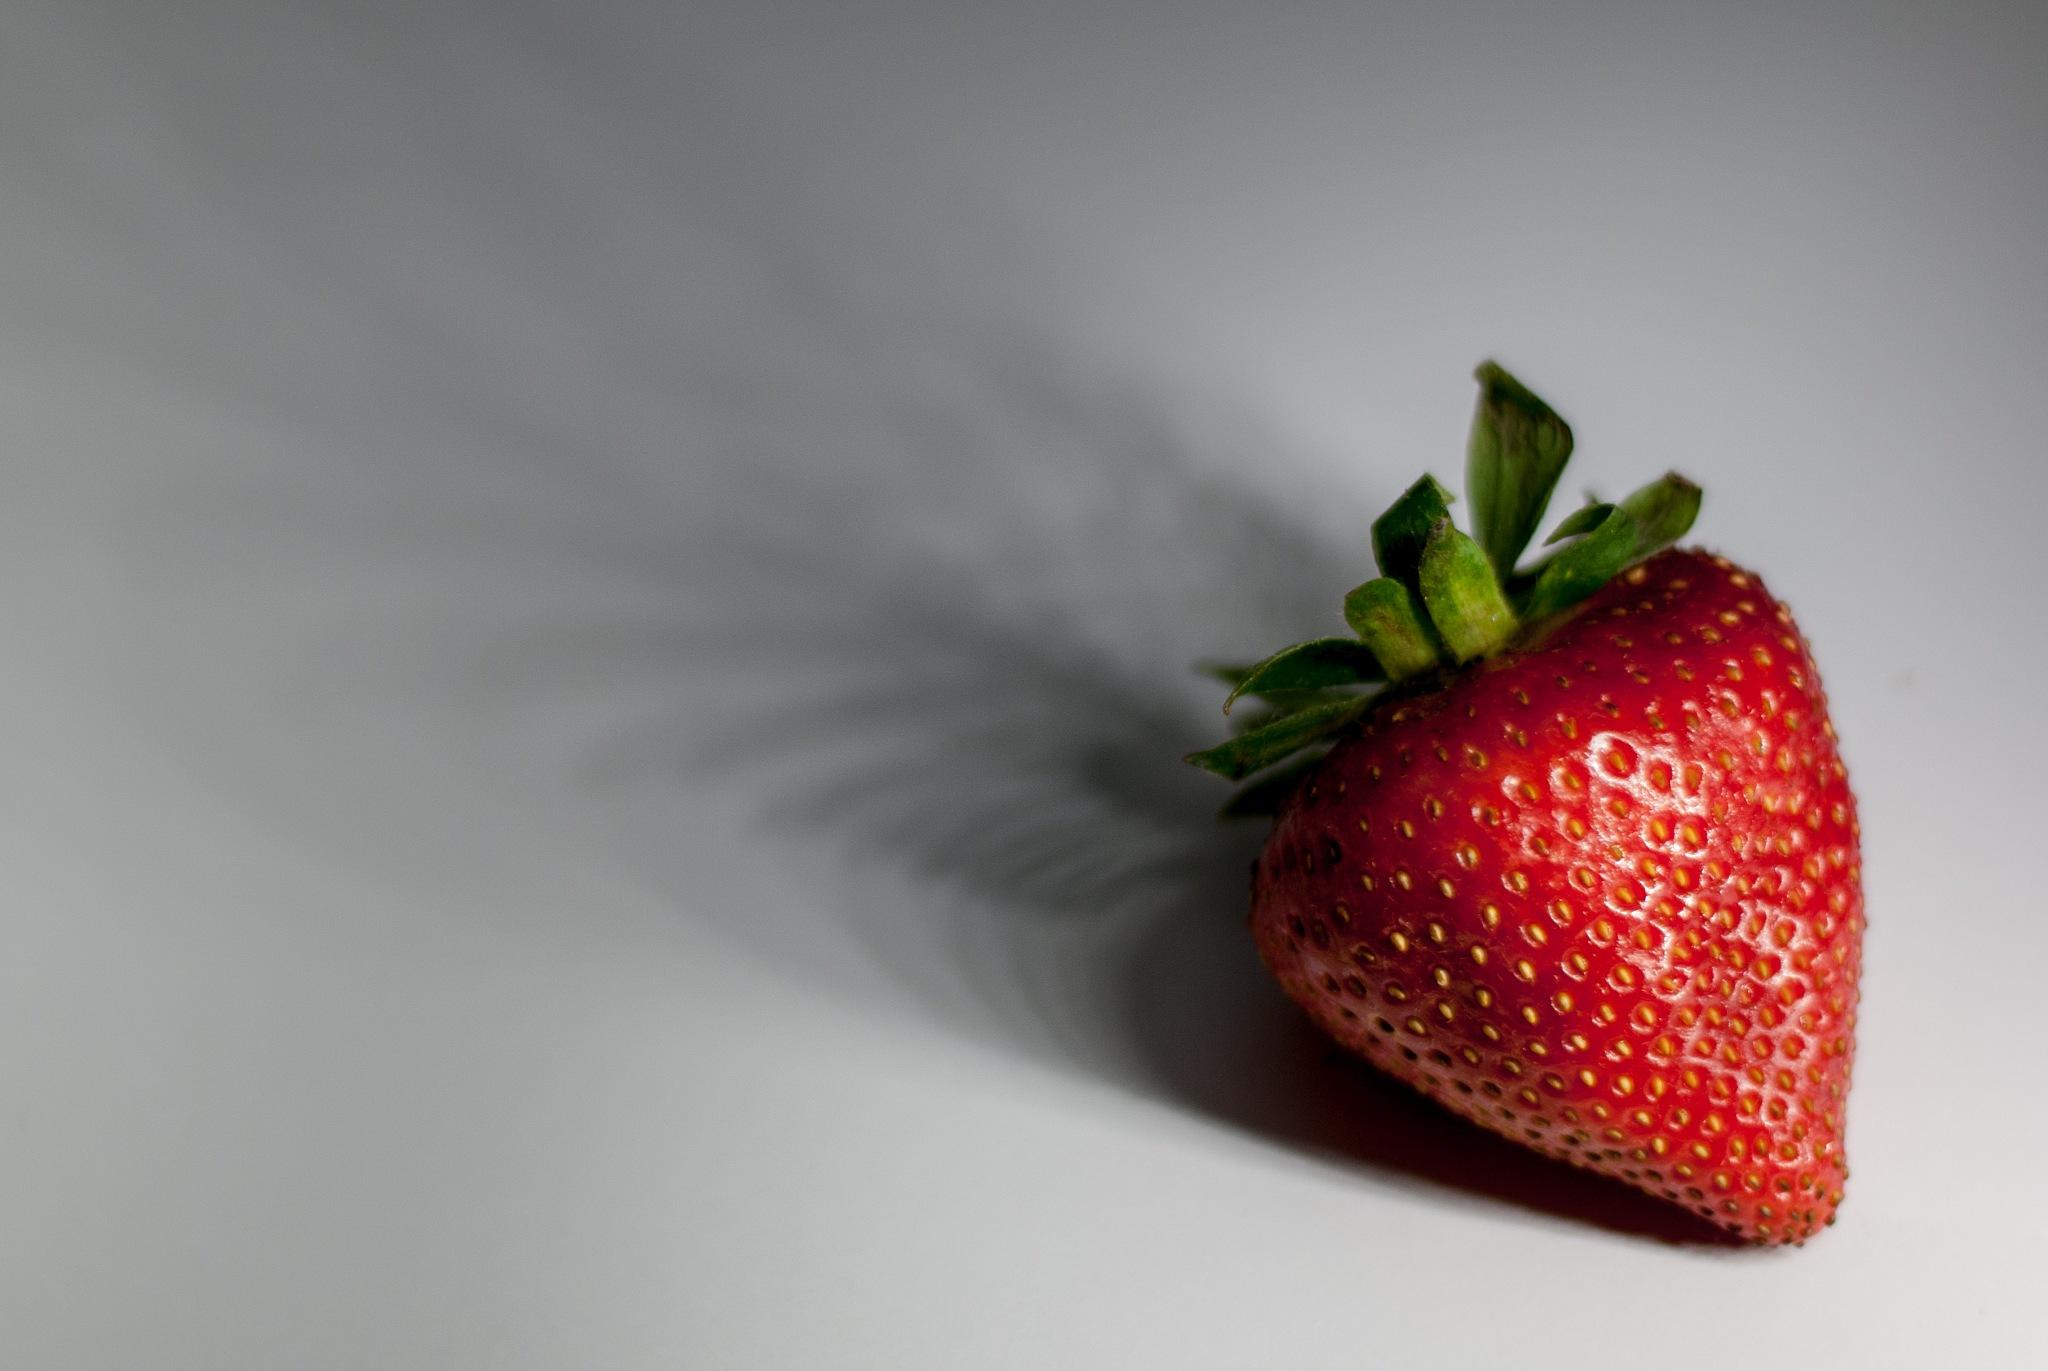 Che me ne faccio dell'altra metà della mela? A me piacciono le fragole. by La Sandra